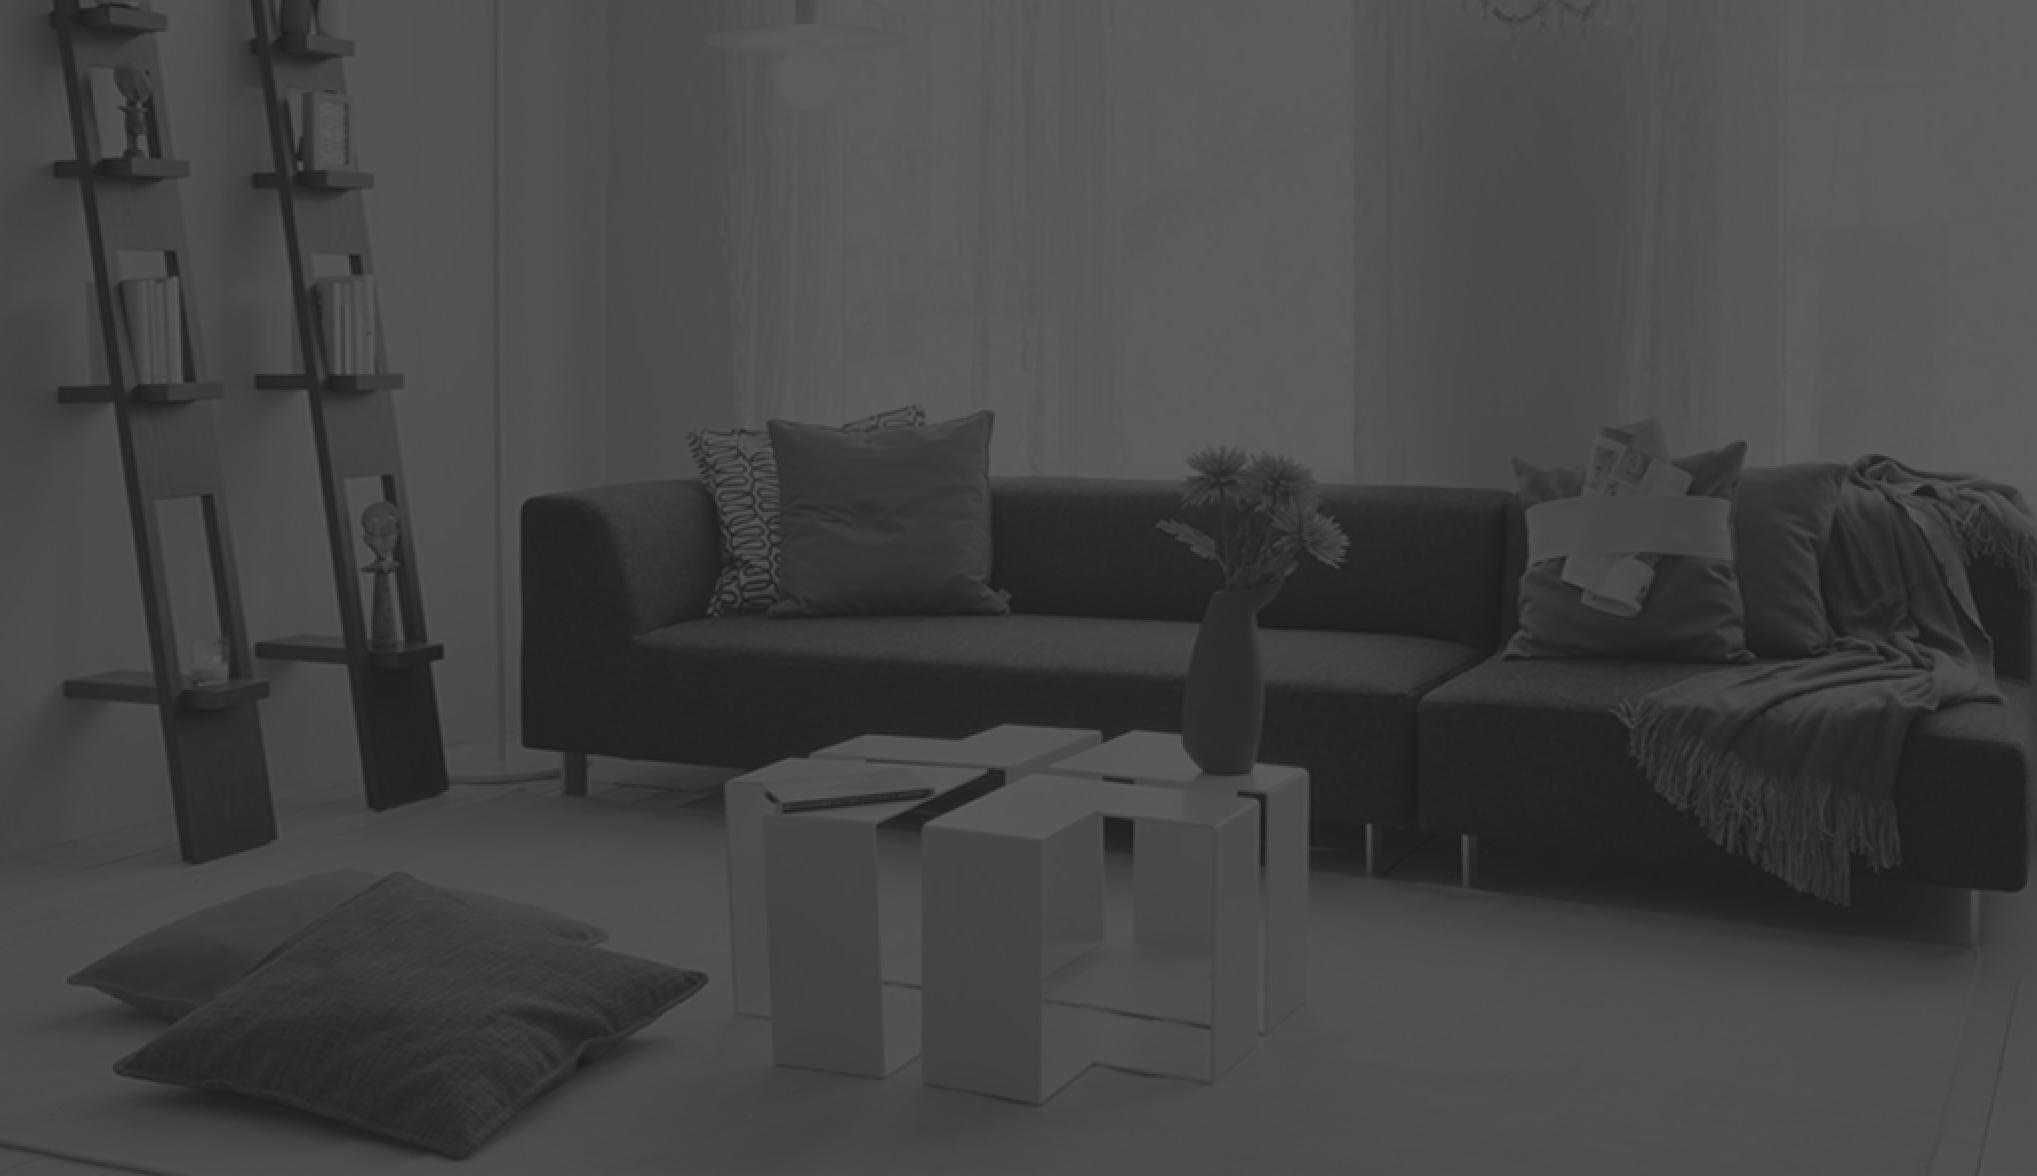 zwart wit foto van sofa met tafeltje en boeken rek